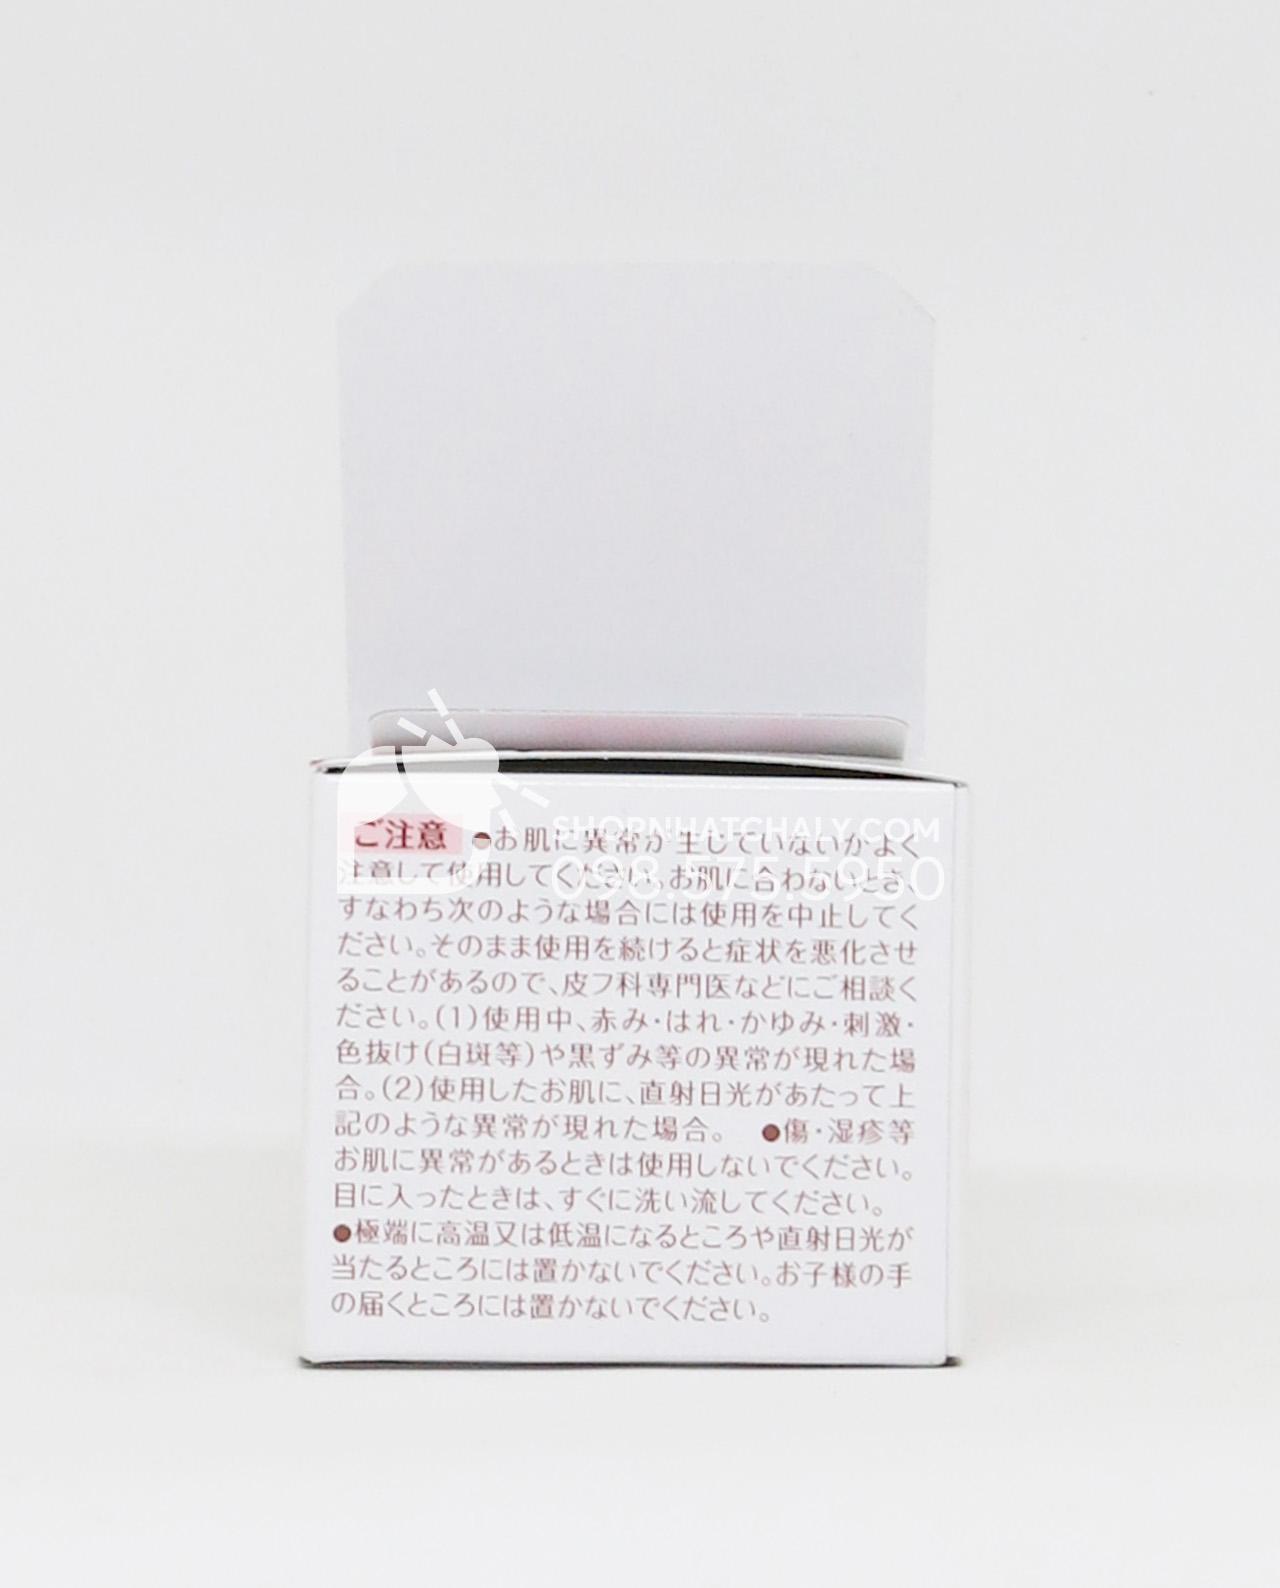 Dưỡng da tuổi trung niên Kobayashi Inochi no Haha - thông tin sản phẩm